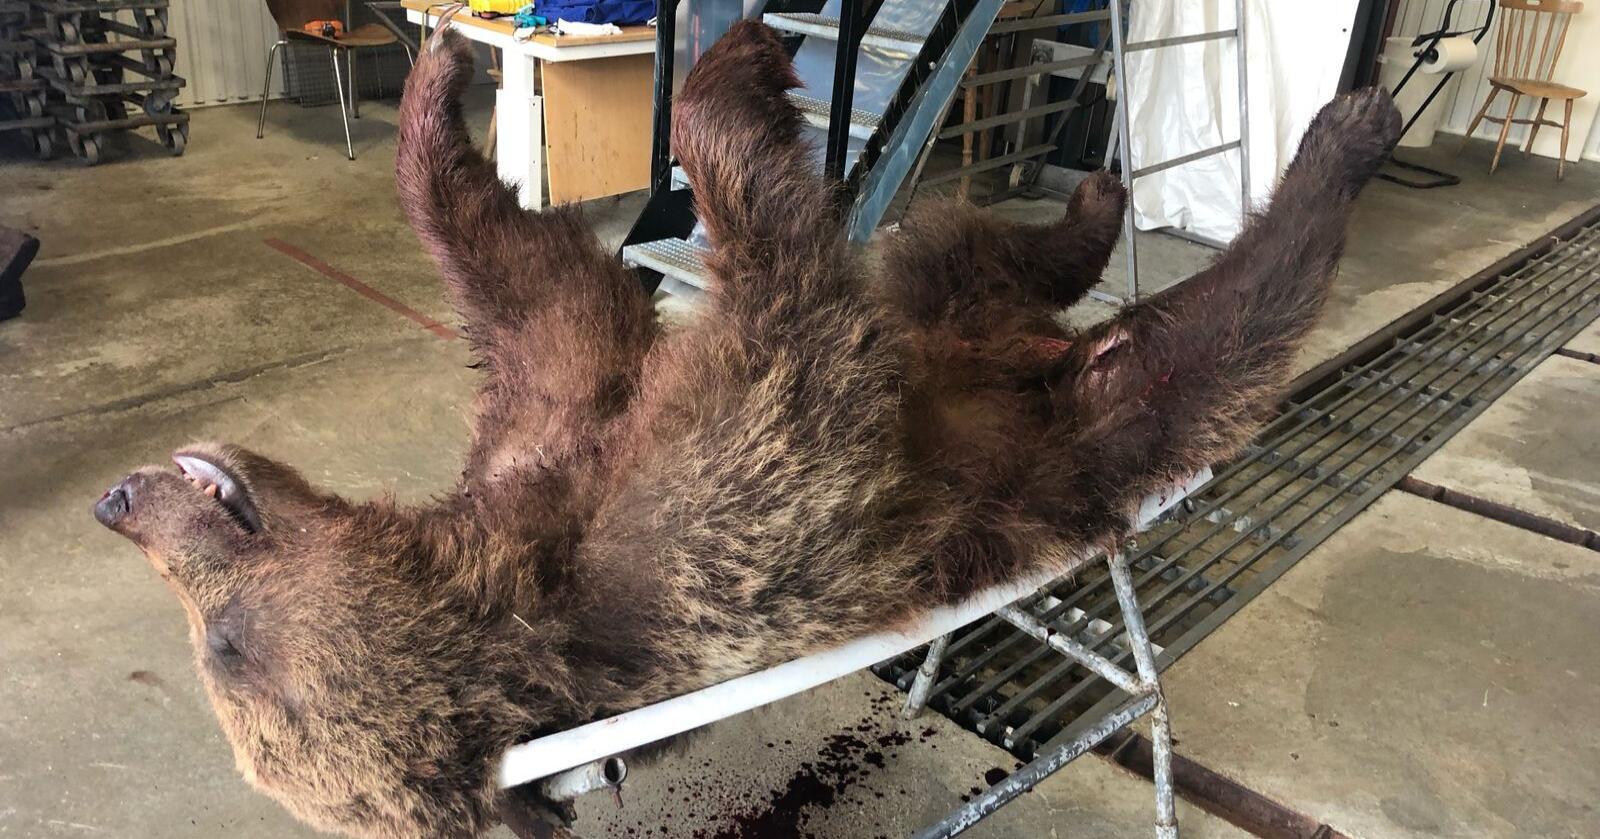 Ikke nok: Til tross for flere bjørneuttak i Trøndelag gjør bjørn skade på beitedyr. Foto: Stein Kristian Røset / NTB